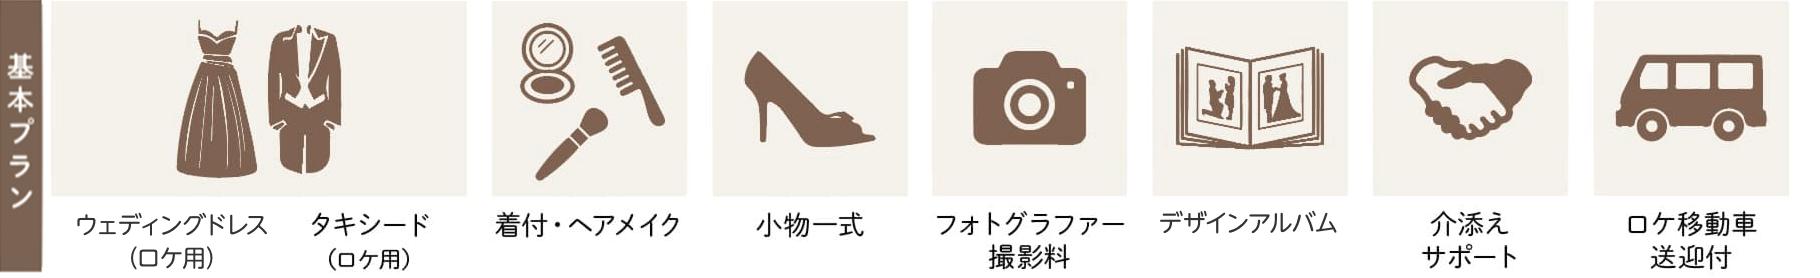 慶徳公園 ドレスロケーションプラン